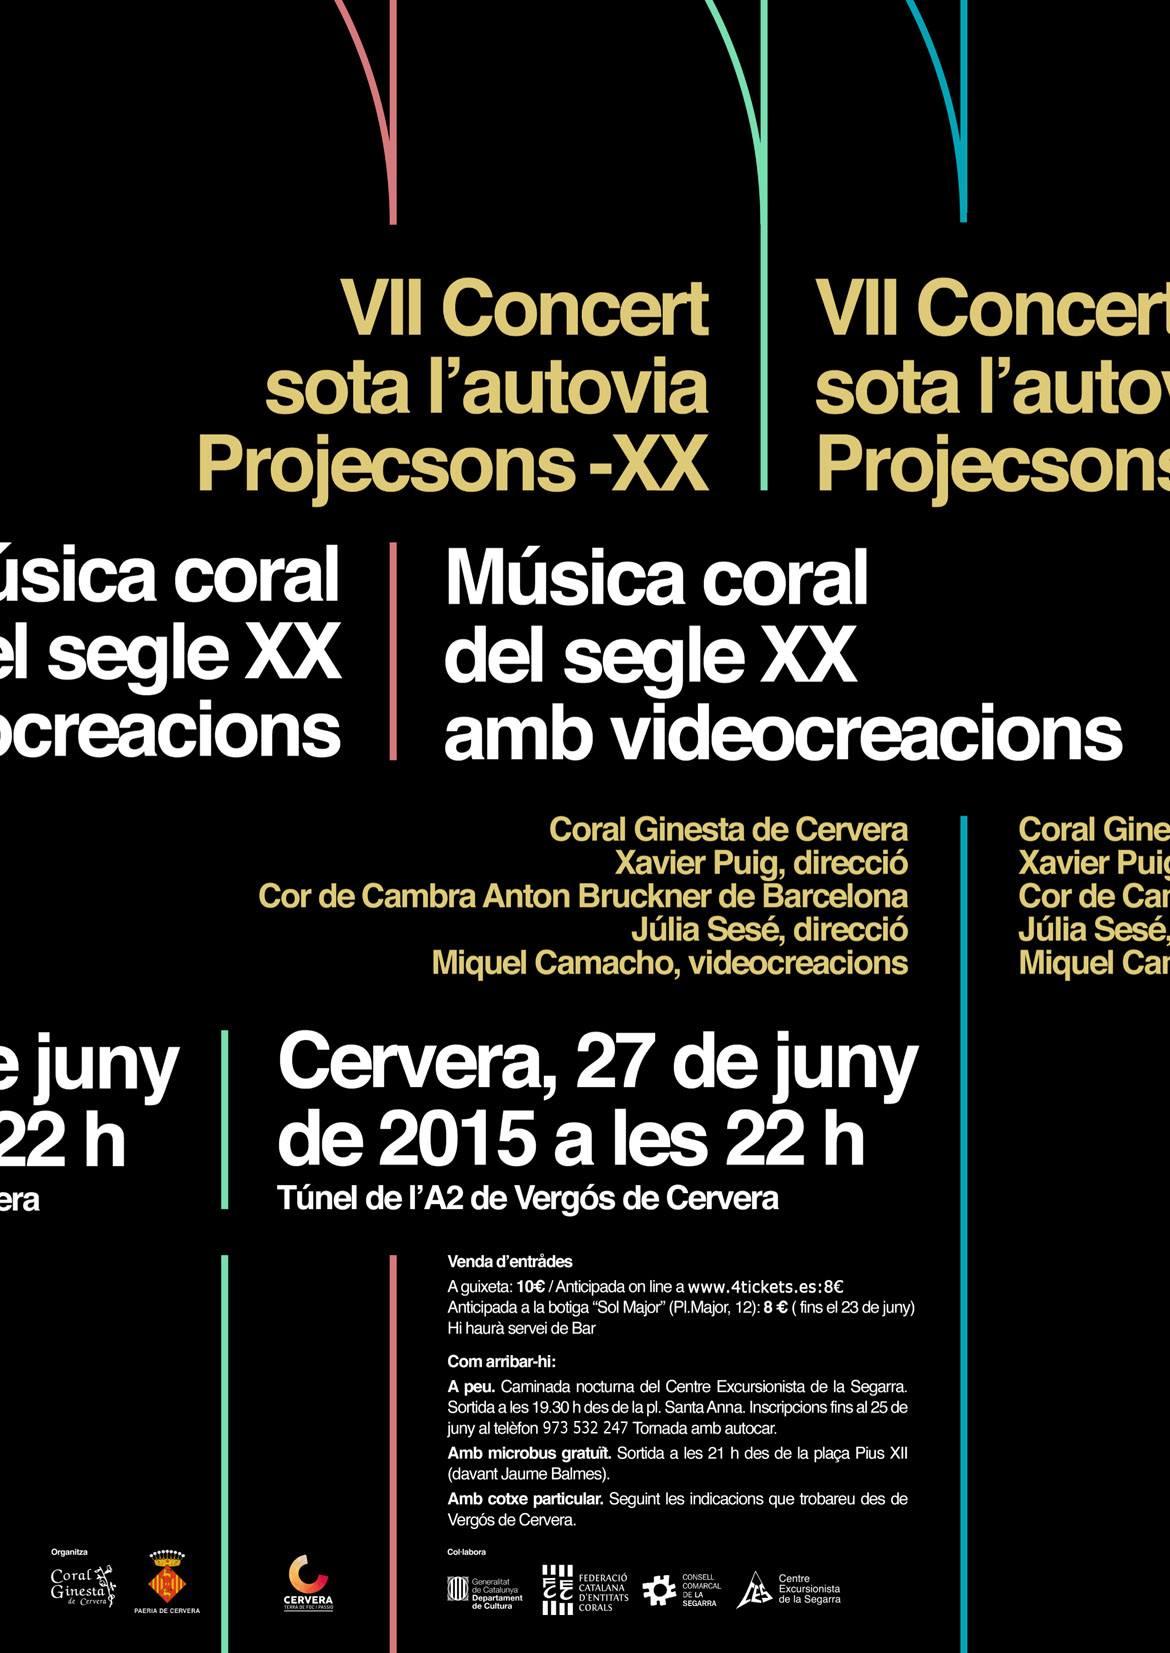 cartell 7è Concert sota l'autovia